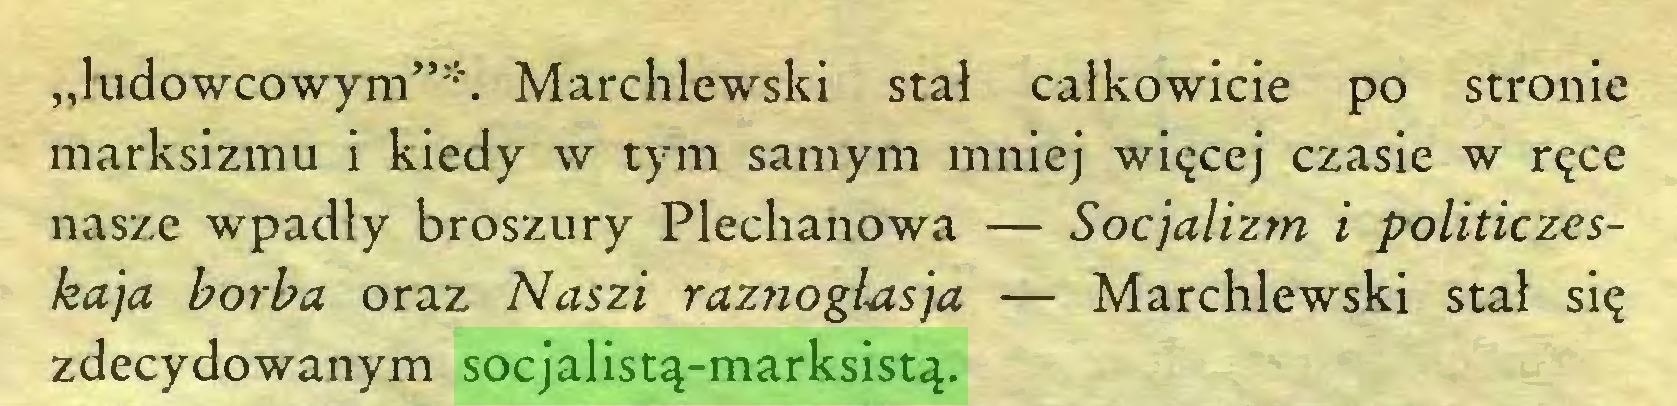 """(...) """"ludowcowym""""""""'. Marchlewski stał całkowicie po stronie marksizmu i kiedy w tym samym mniej więcej czasie w ręce nasze wpadły broszury Plechanowa — Socjalizm i politiczeskaja borba oraz Naszi raznoglasja — Marchlewski stał się zdecydowanym socjalistą-marksistą..."""